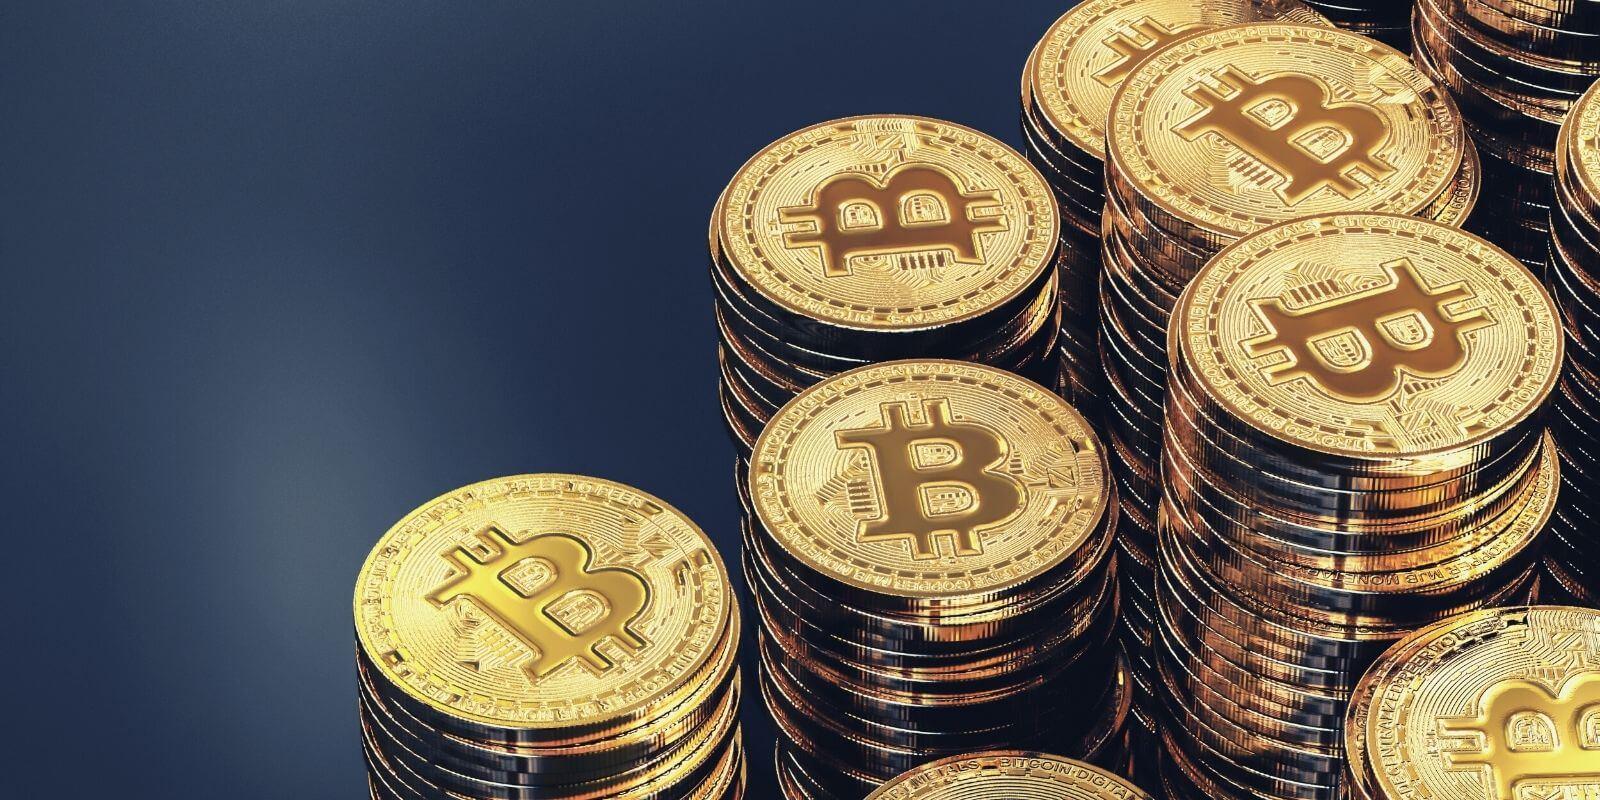 pourquoi 21 millions bitcoins